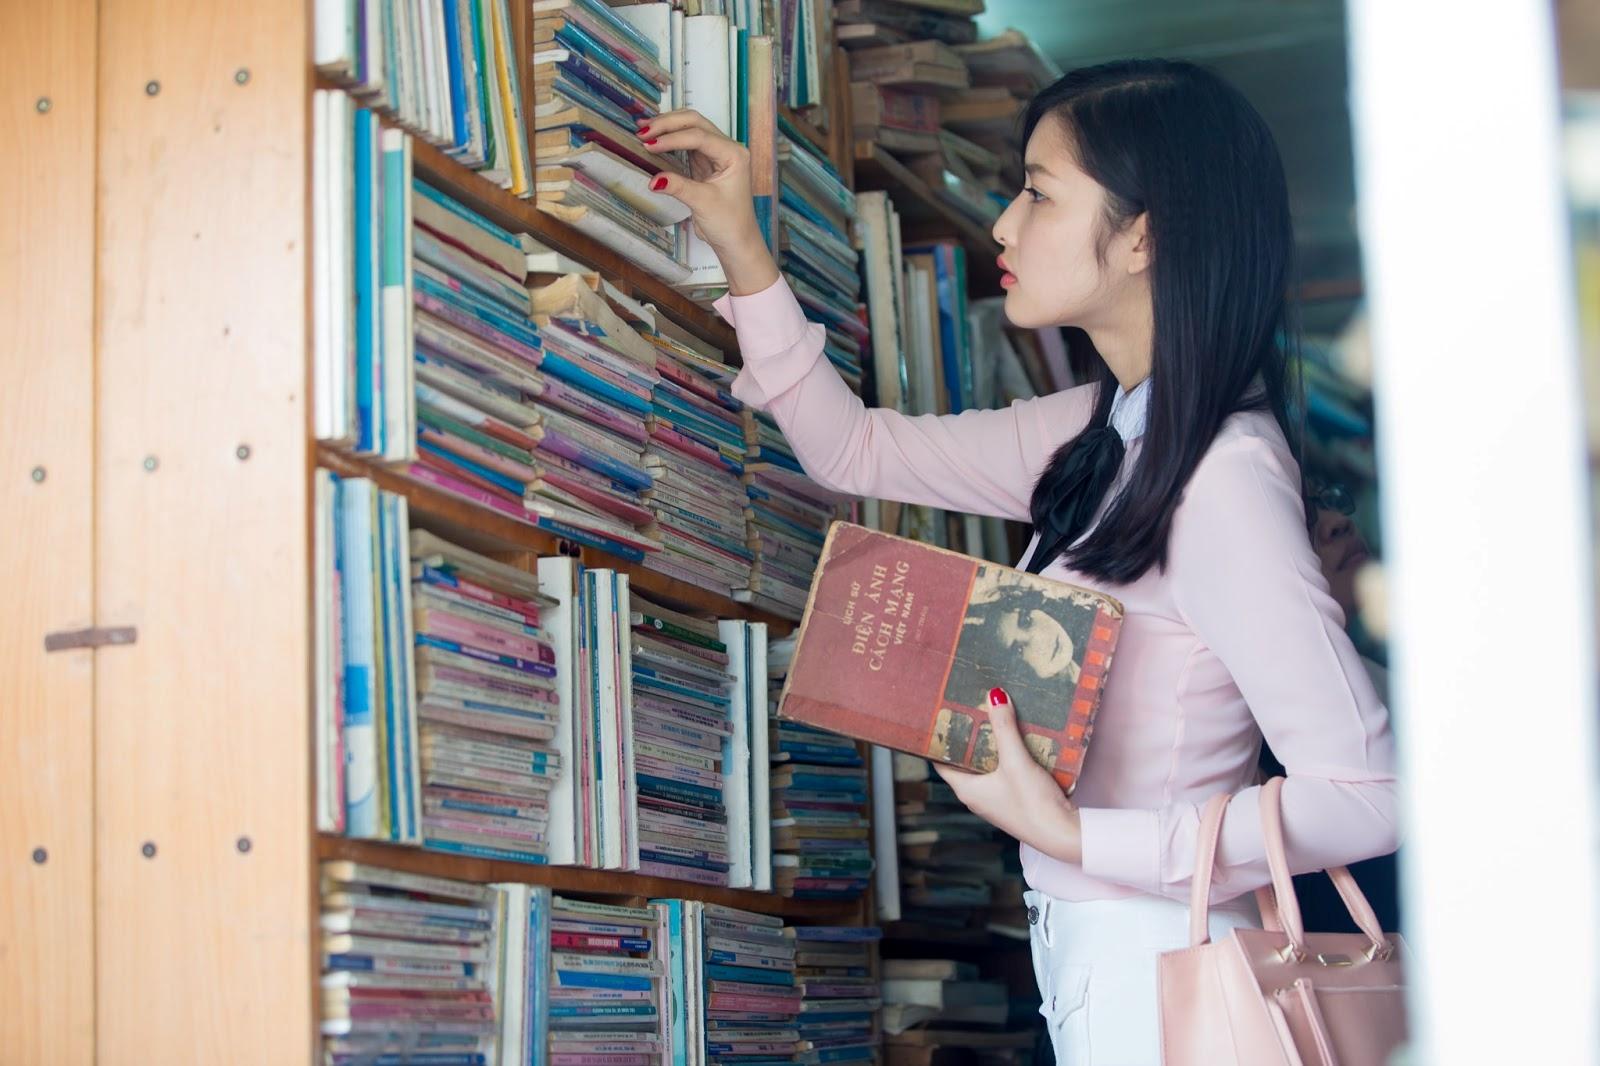 Tháng Tư nghĩ về sách Sài Gòn xưa